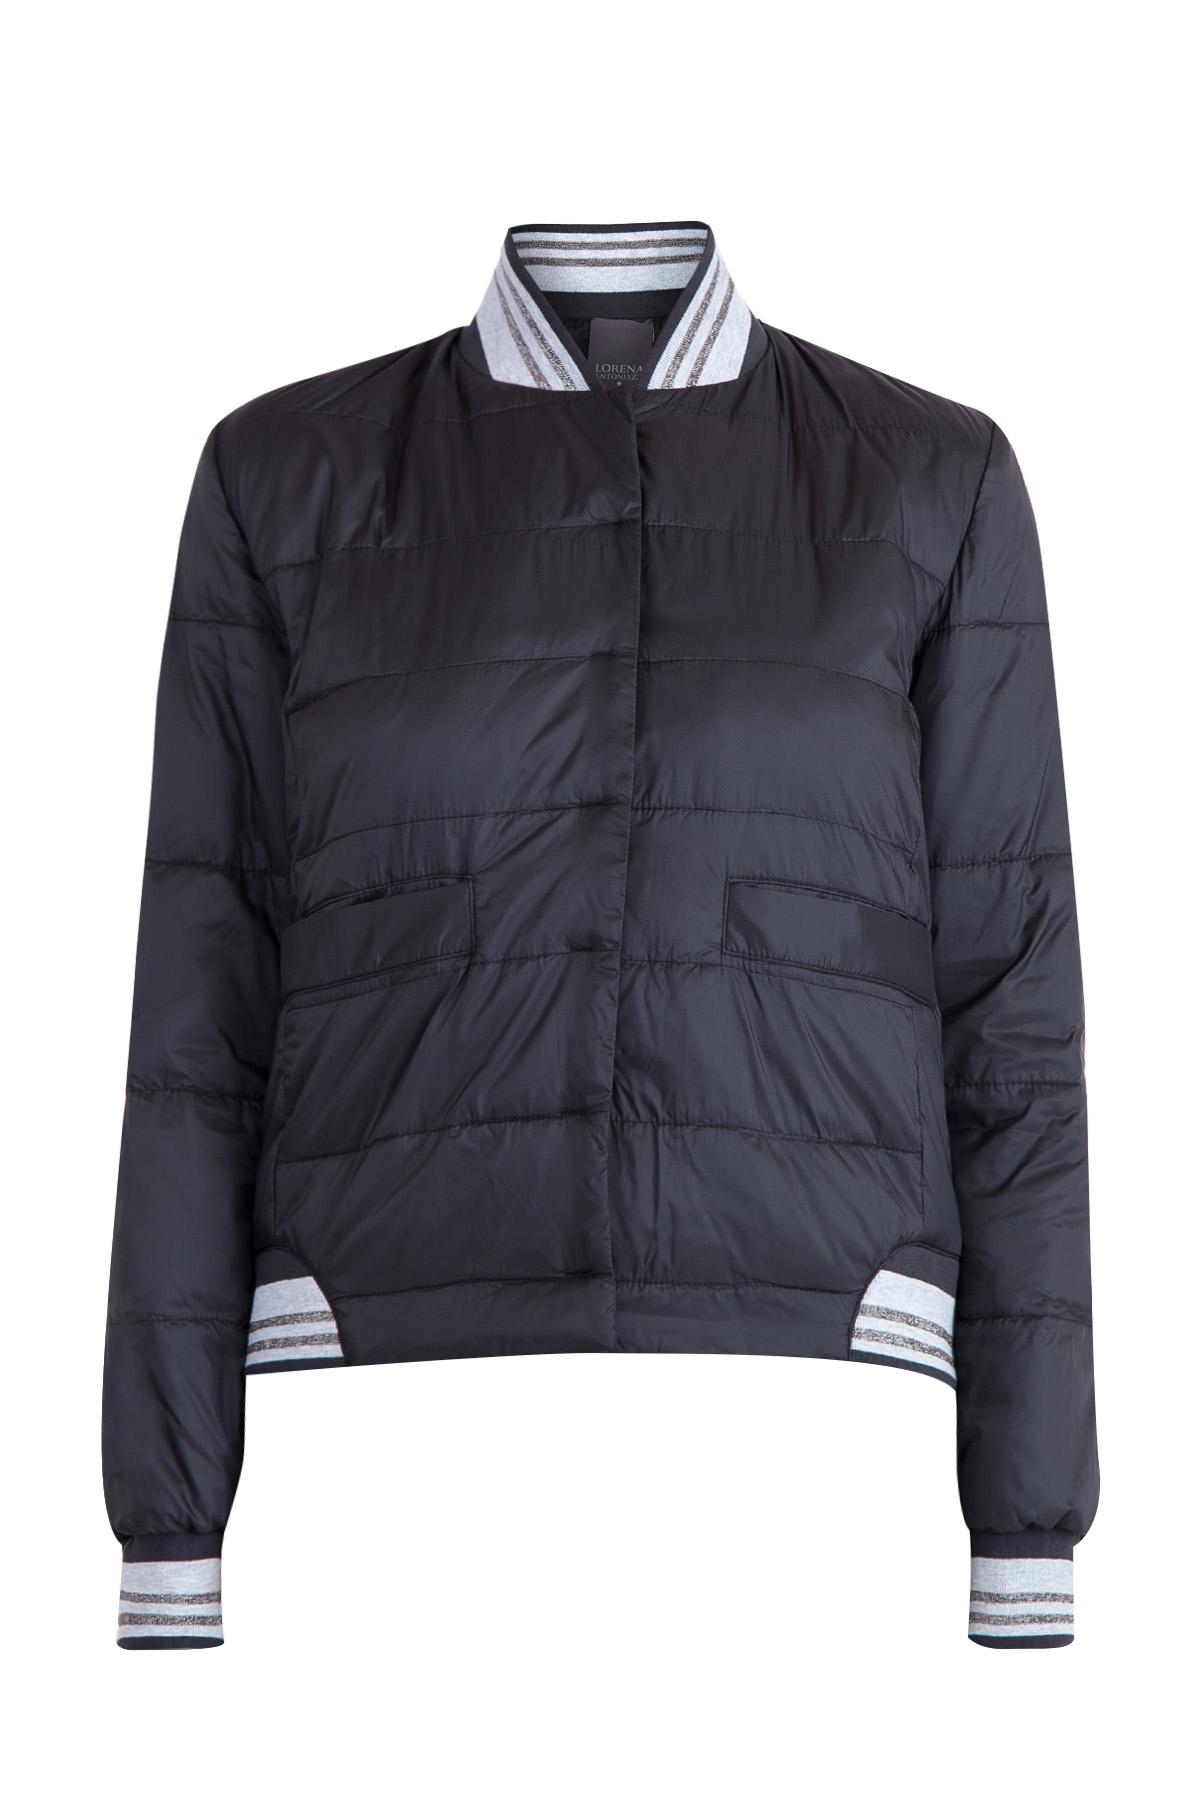 Купить Куртка, LORENA ANTONIAZZI, Италия, полиамид 100%, полиэстер 100%